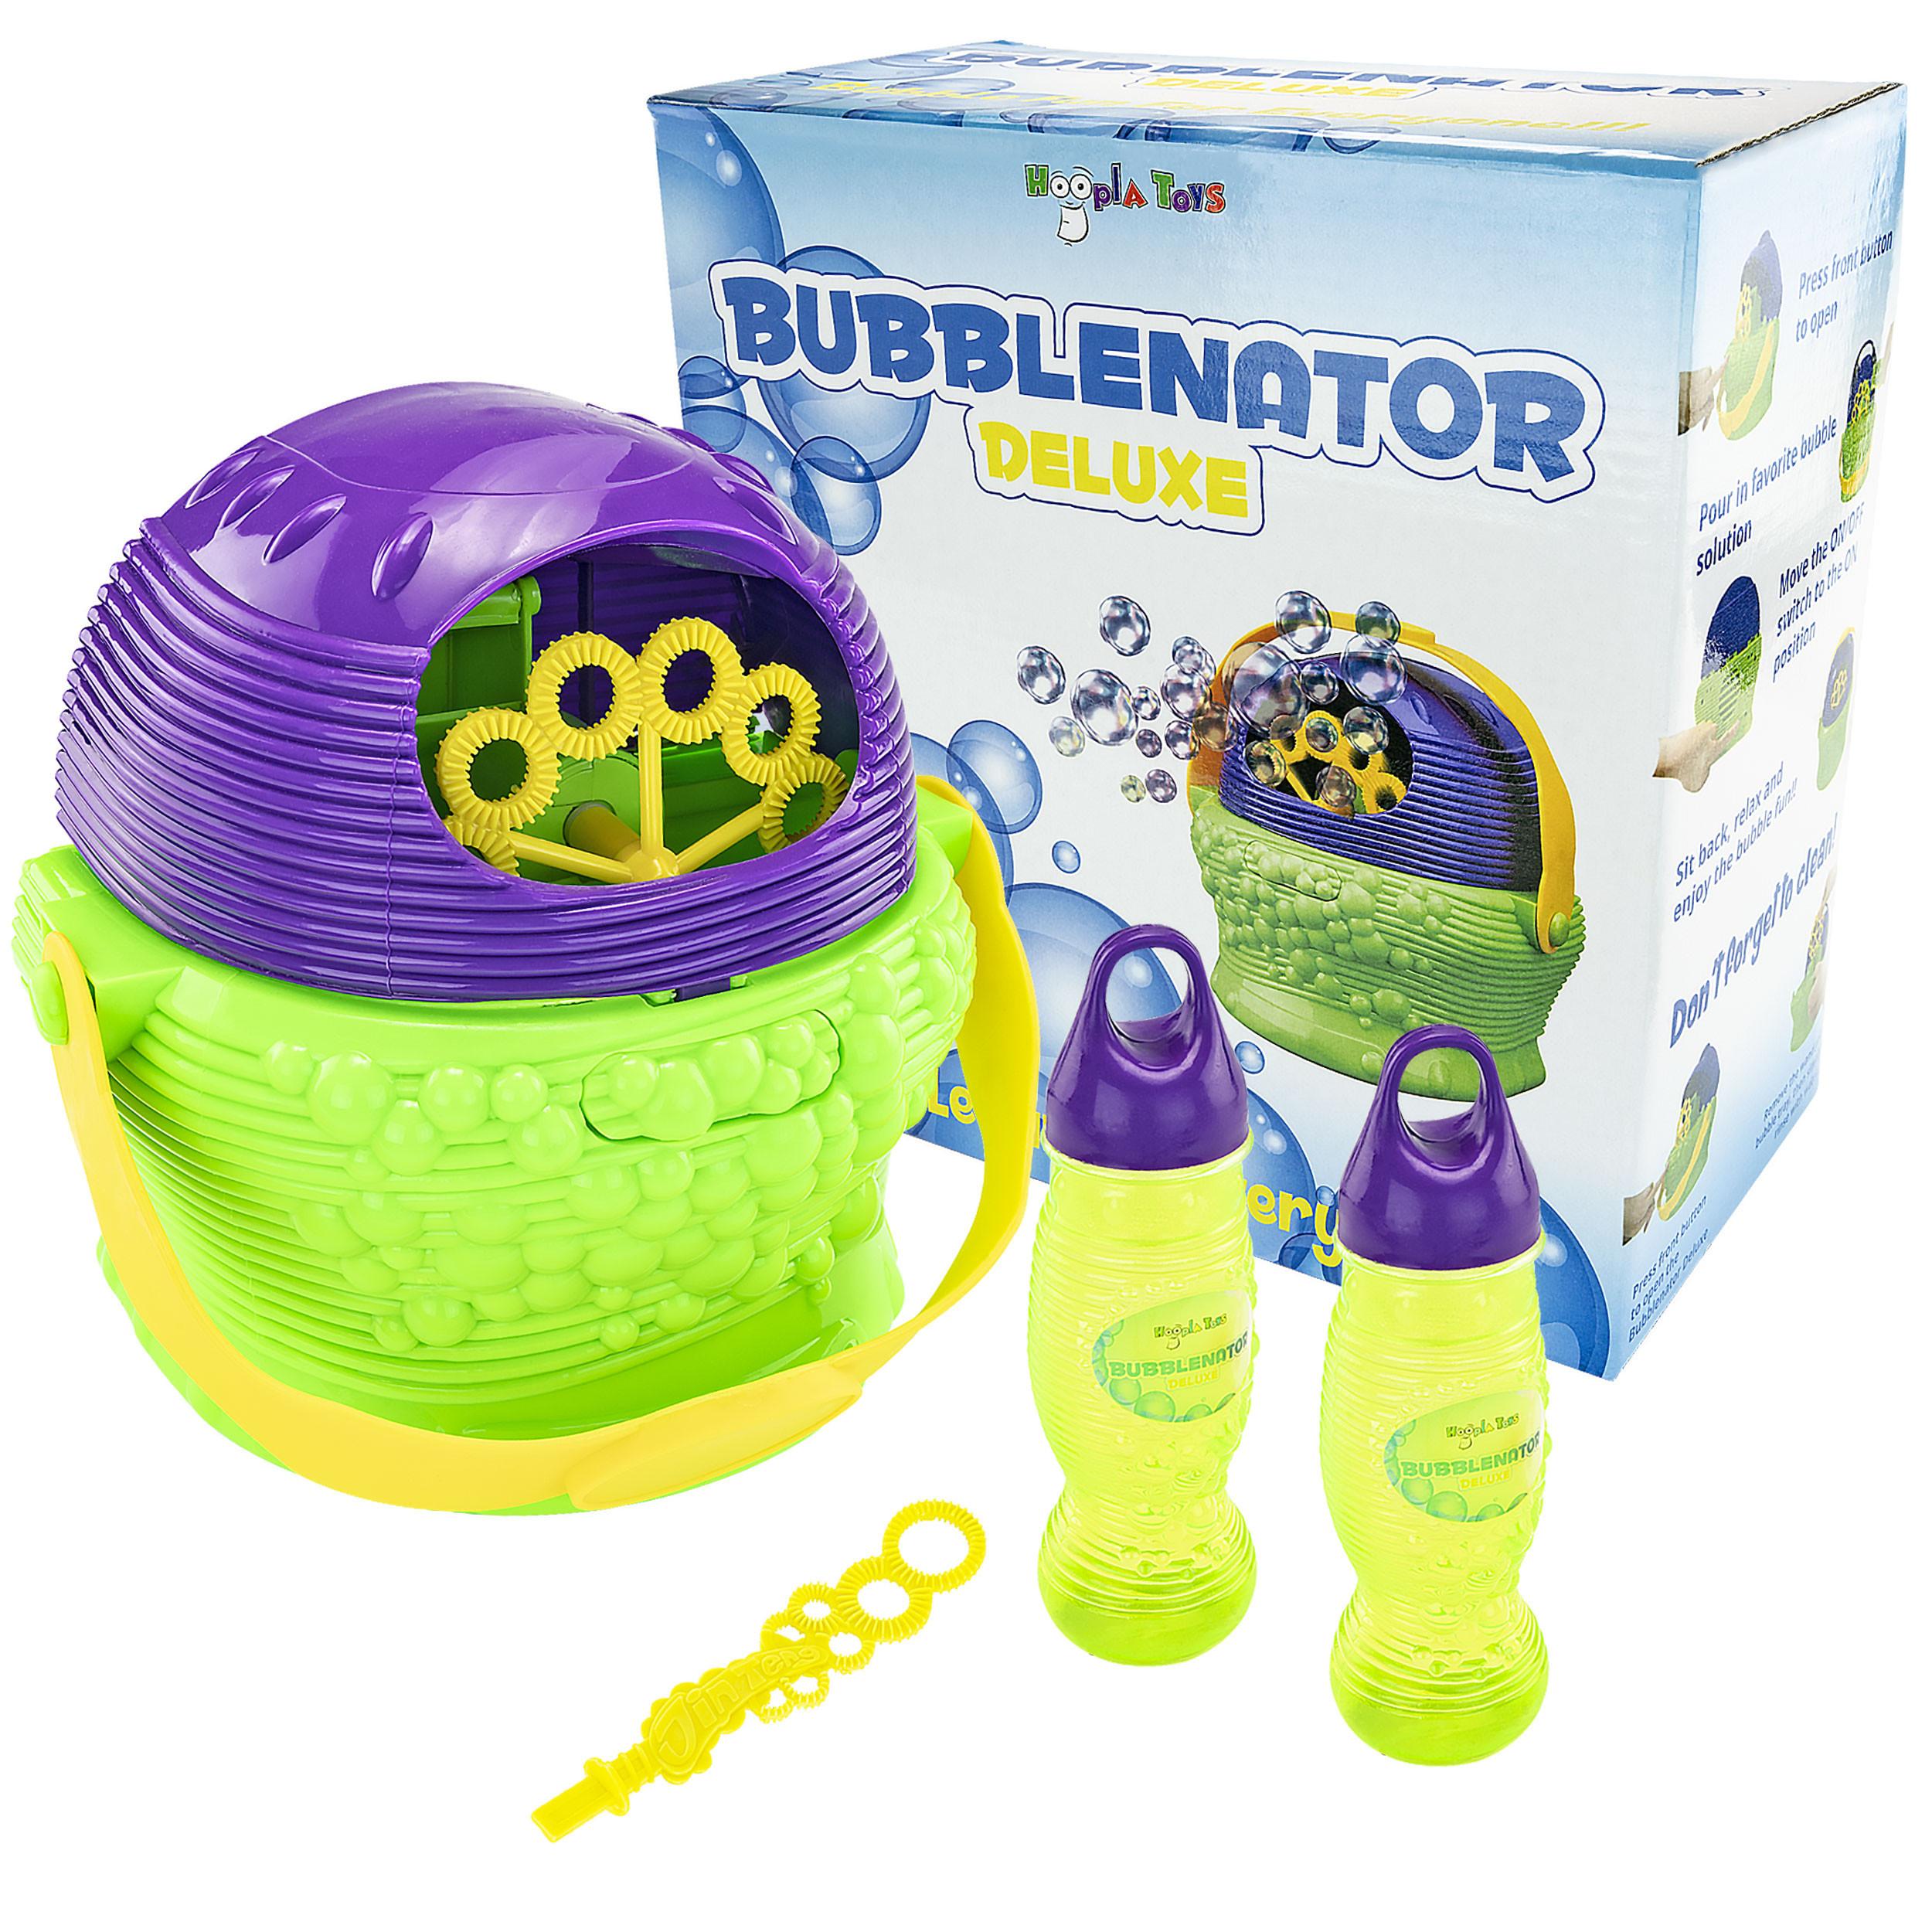 Bubblenator Deluxe Bubble Blower